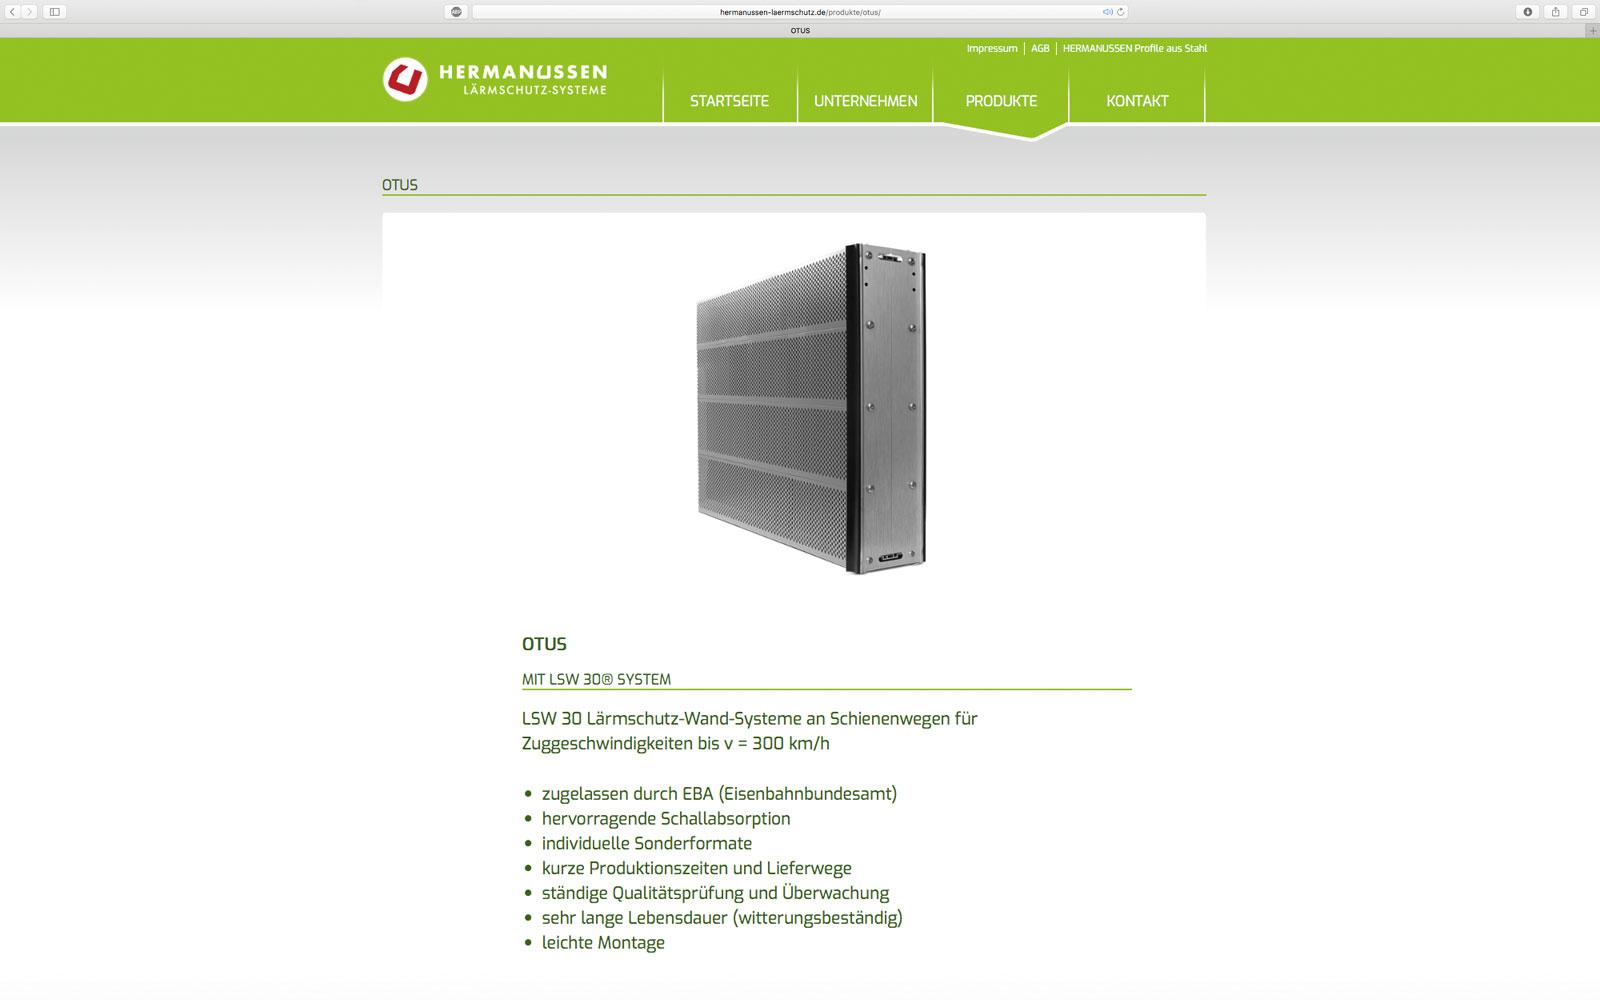 tooldesign-web-hermanussen-websites-2